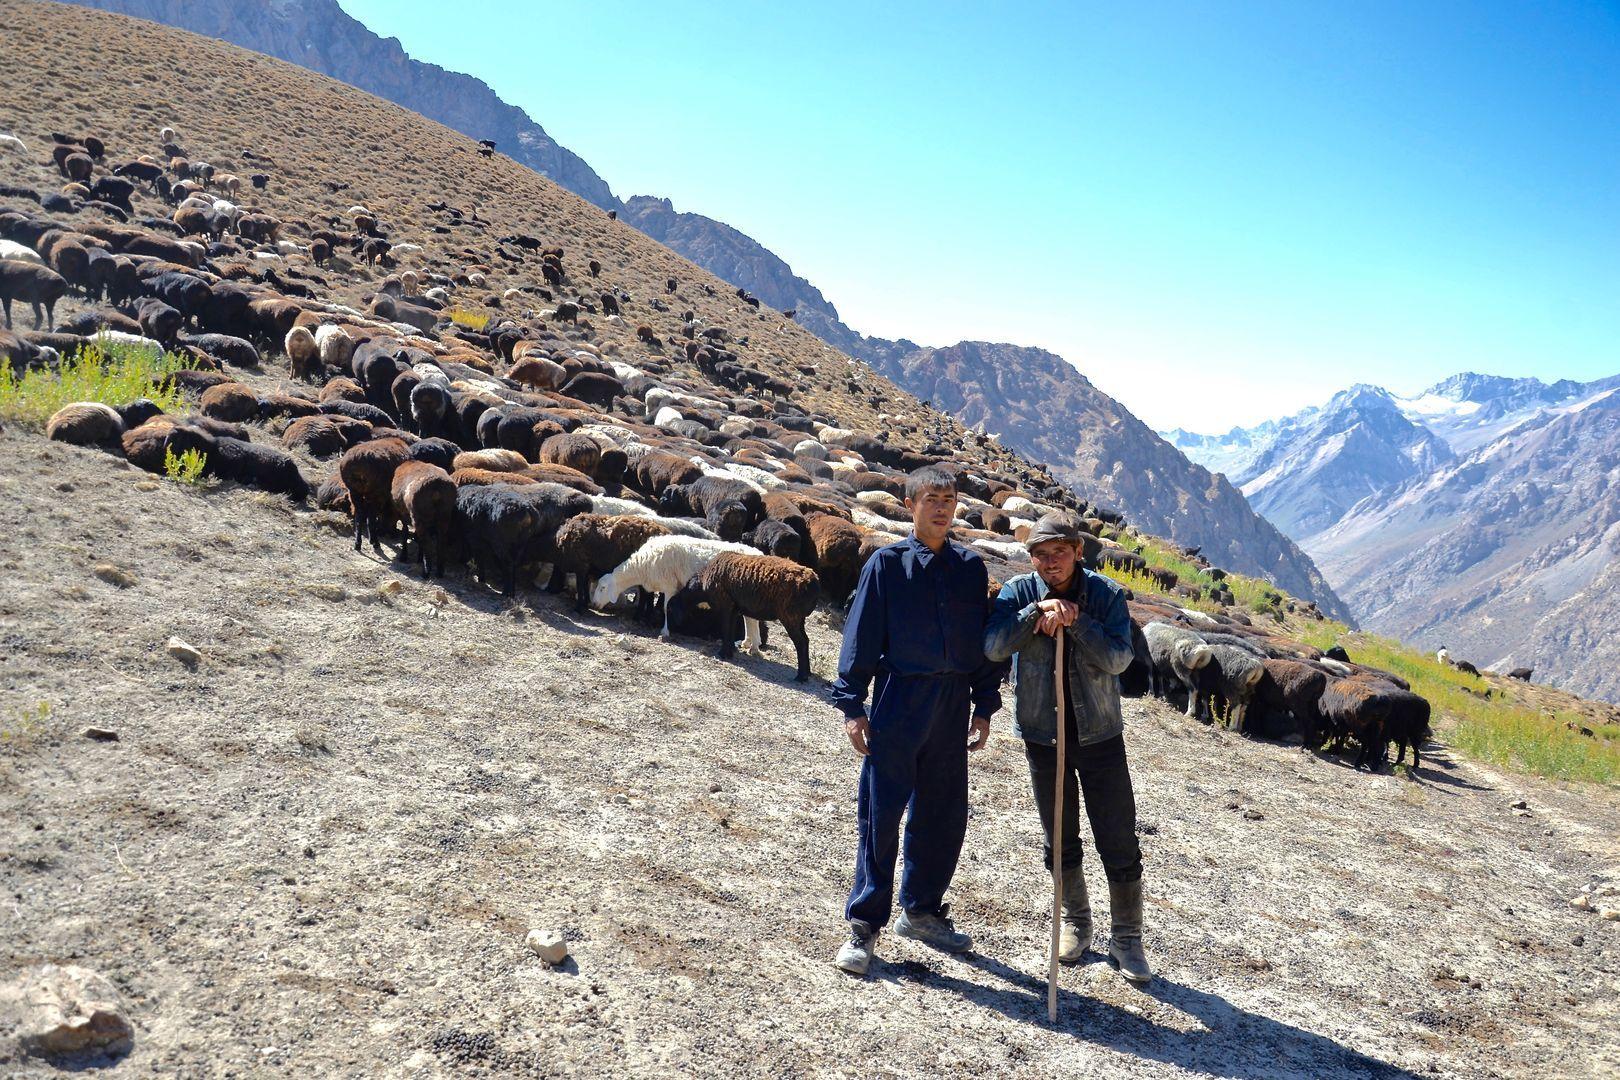 shephards in Fann mountains of tajikistan